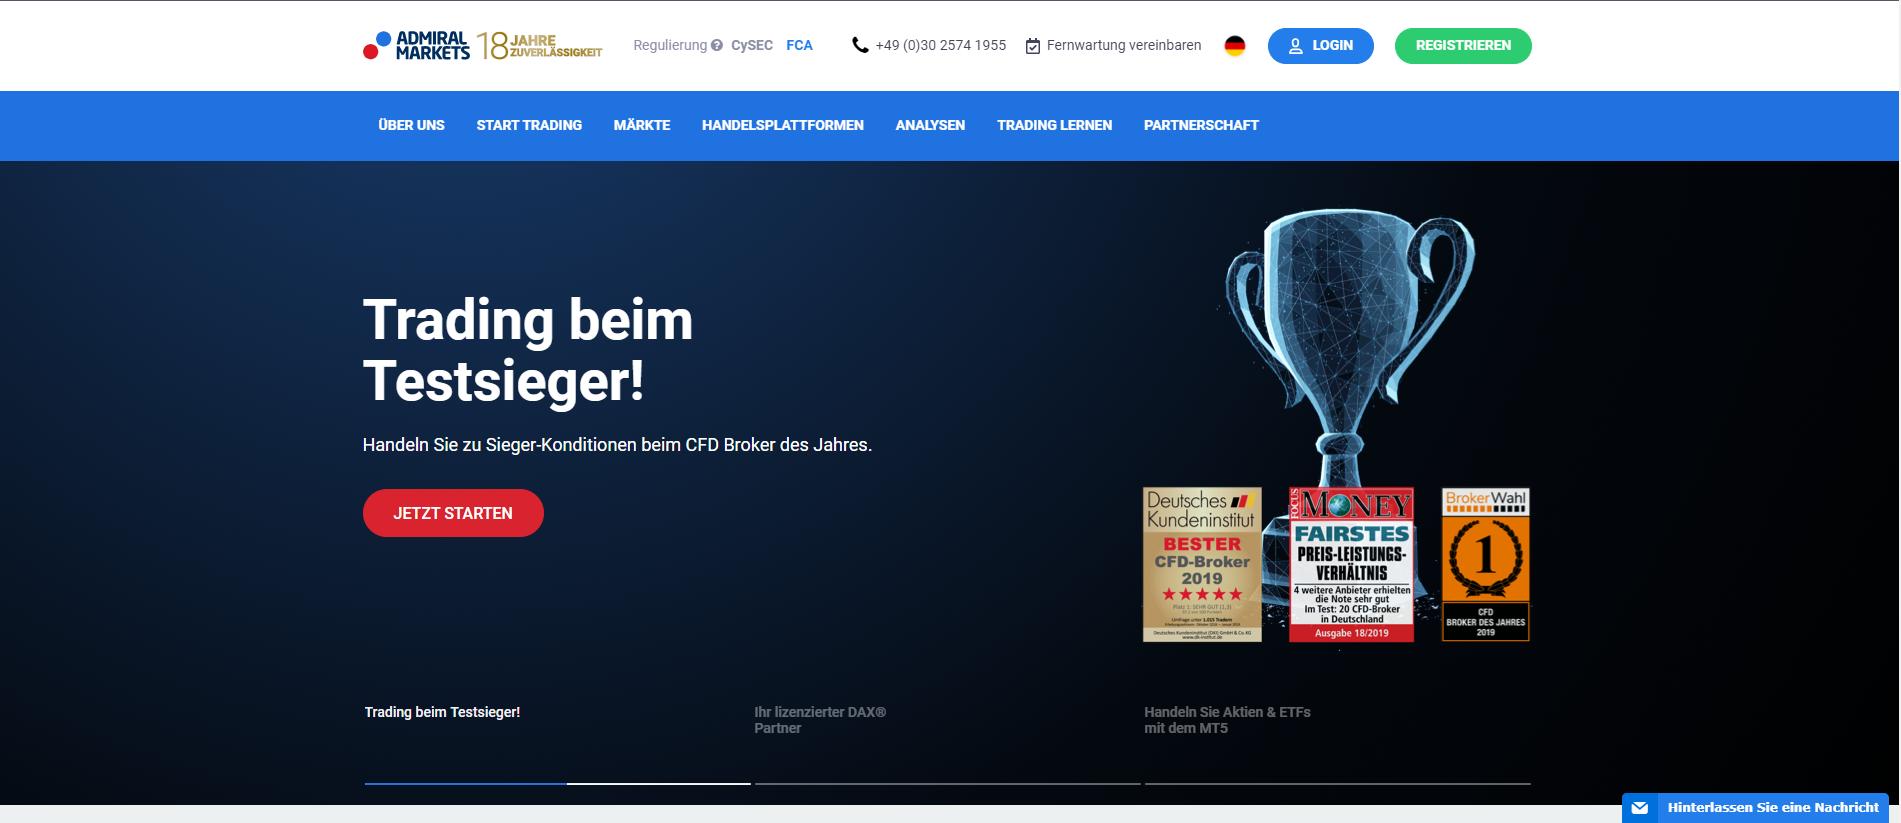 Offizielle Webseite von Admiral Markets